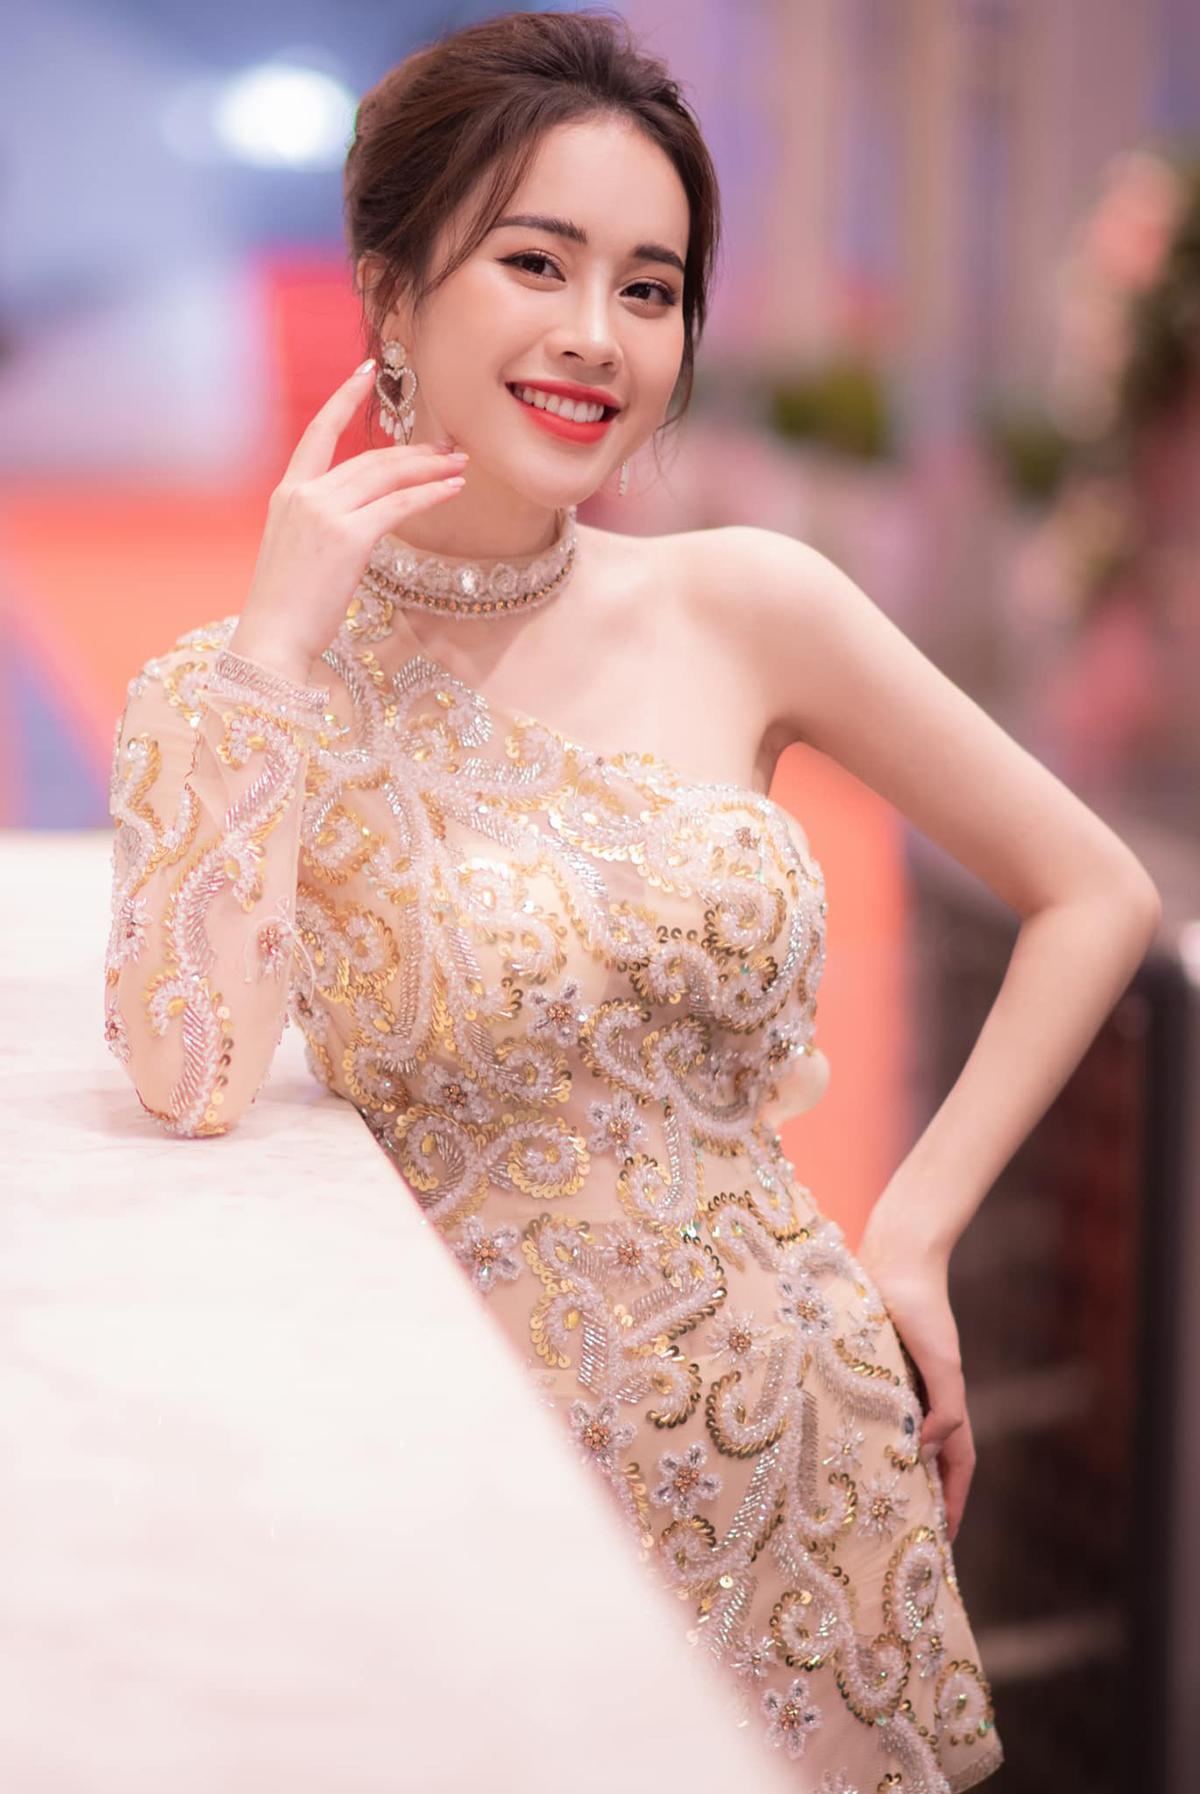 Ngoài gương mặt xinh đẹp, vóc dáng cân đối, Mai Phương còn có chiều cao 1,75 m. Đây là một lợi thế của cô trong cuộc thi.